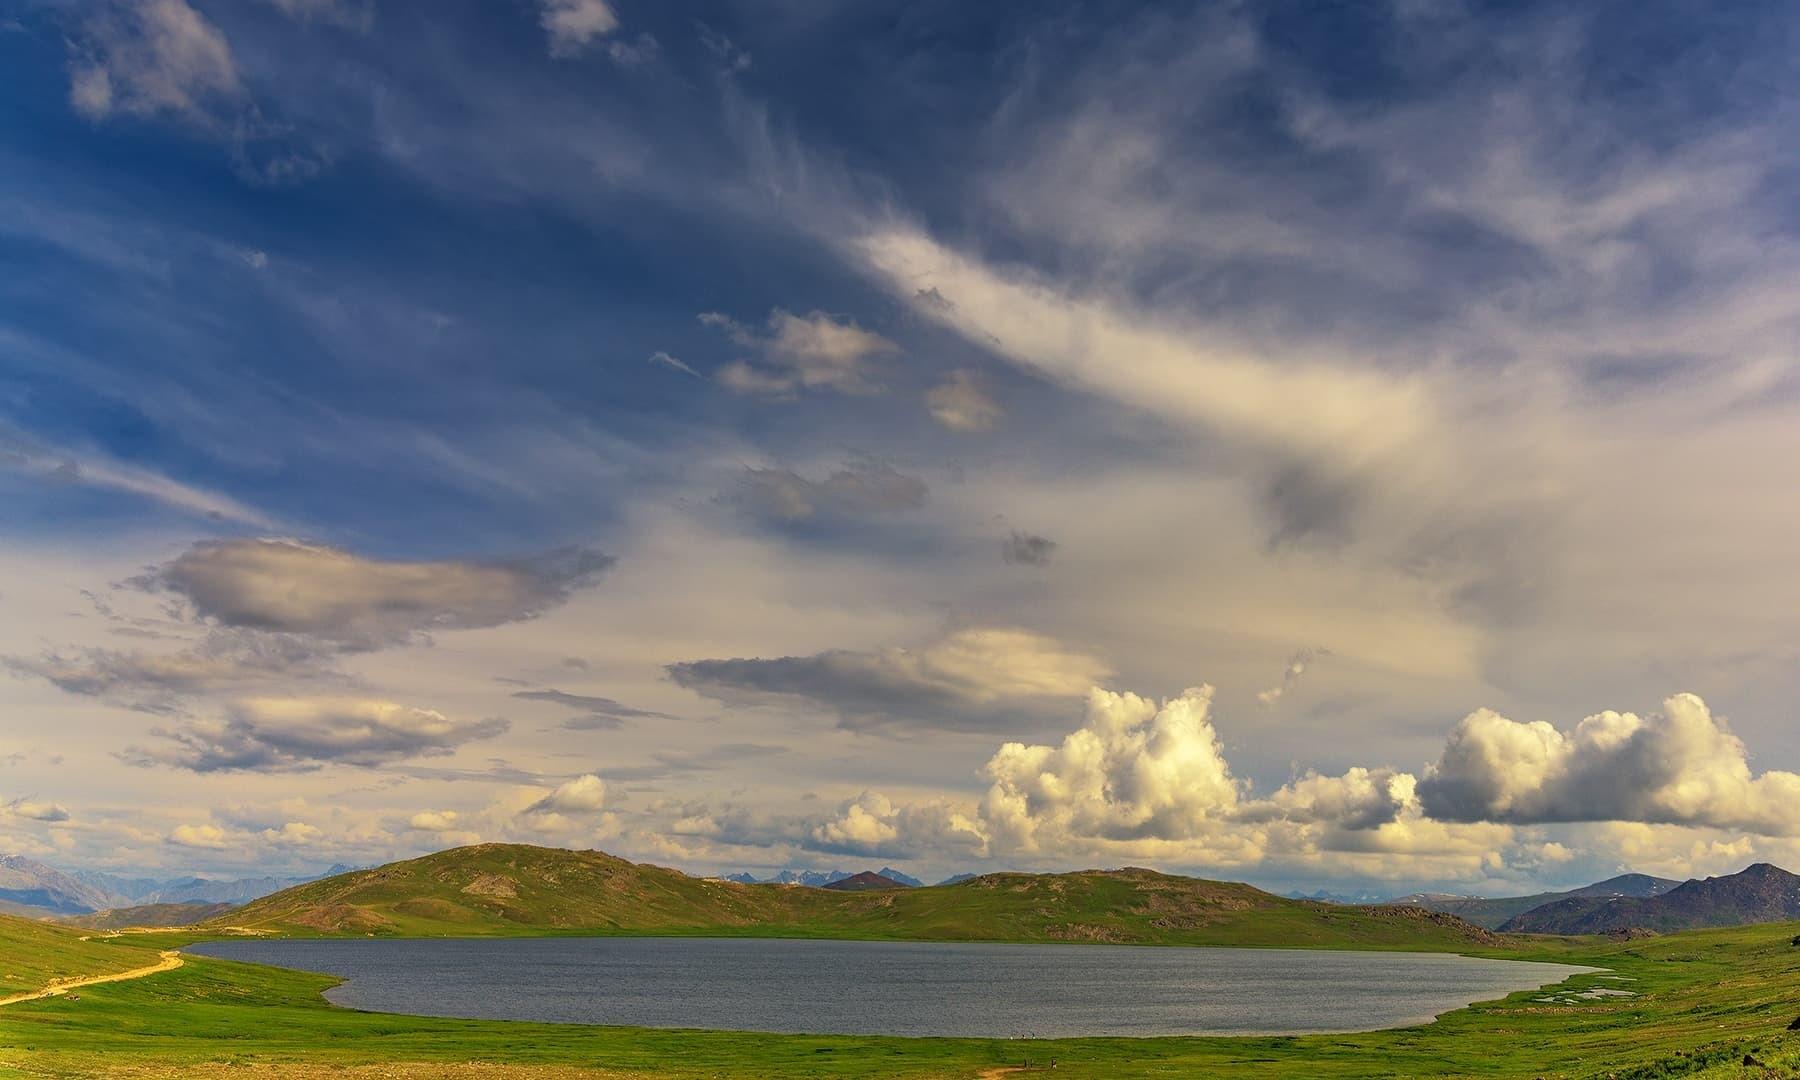 Evening at Sheosar Lake. — Photo by Syed Mehdi Bukhari